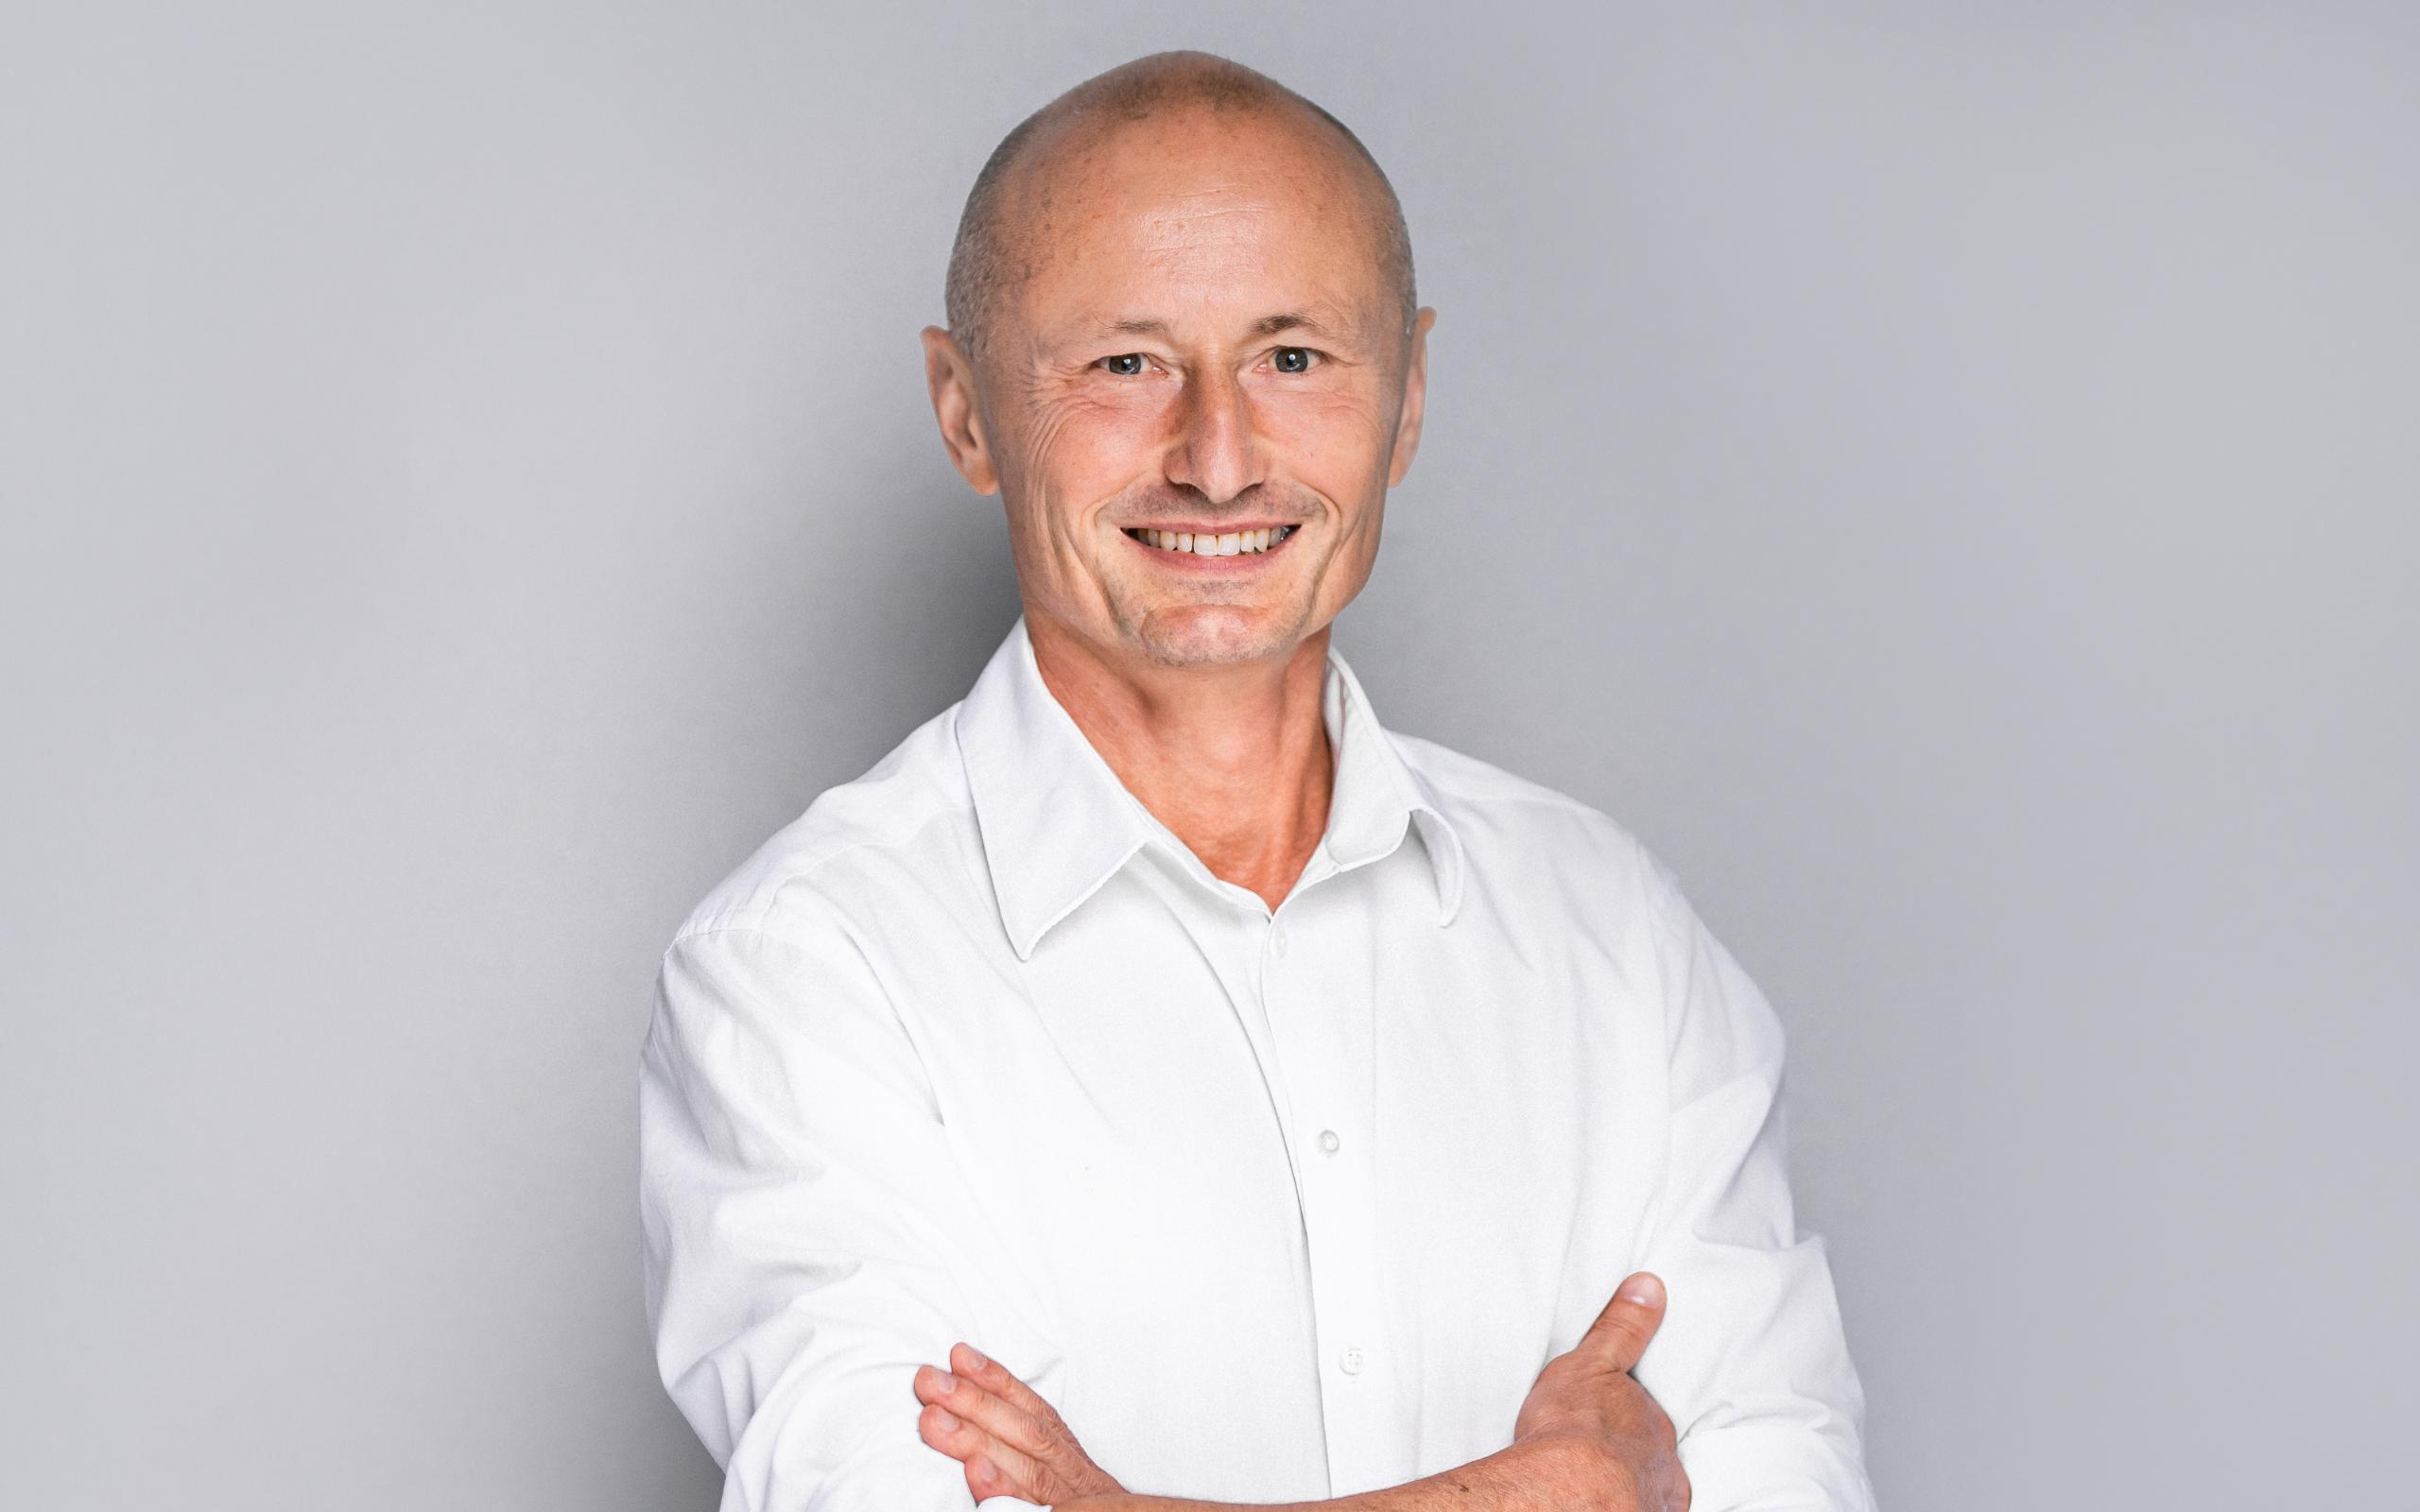 Maciej Worsztynowicz